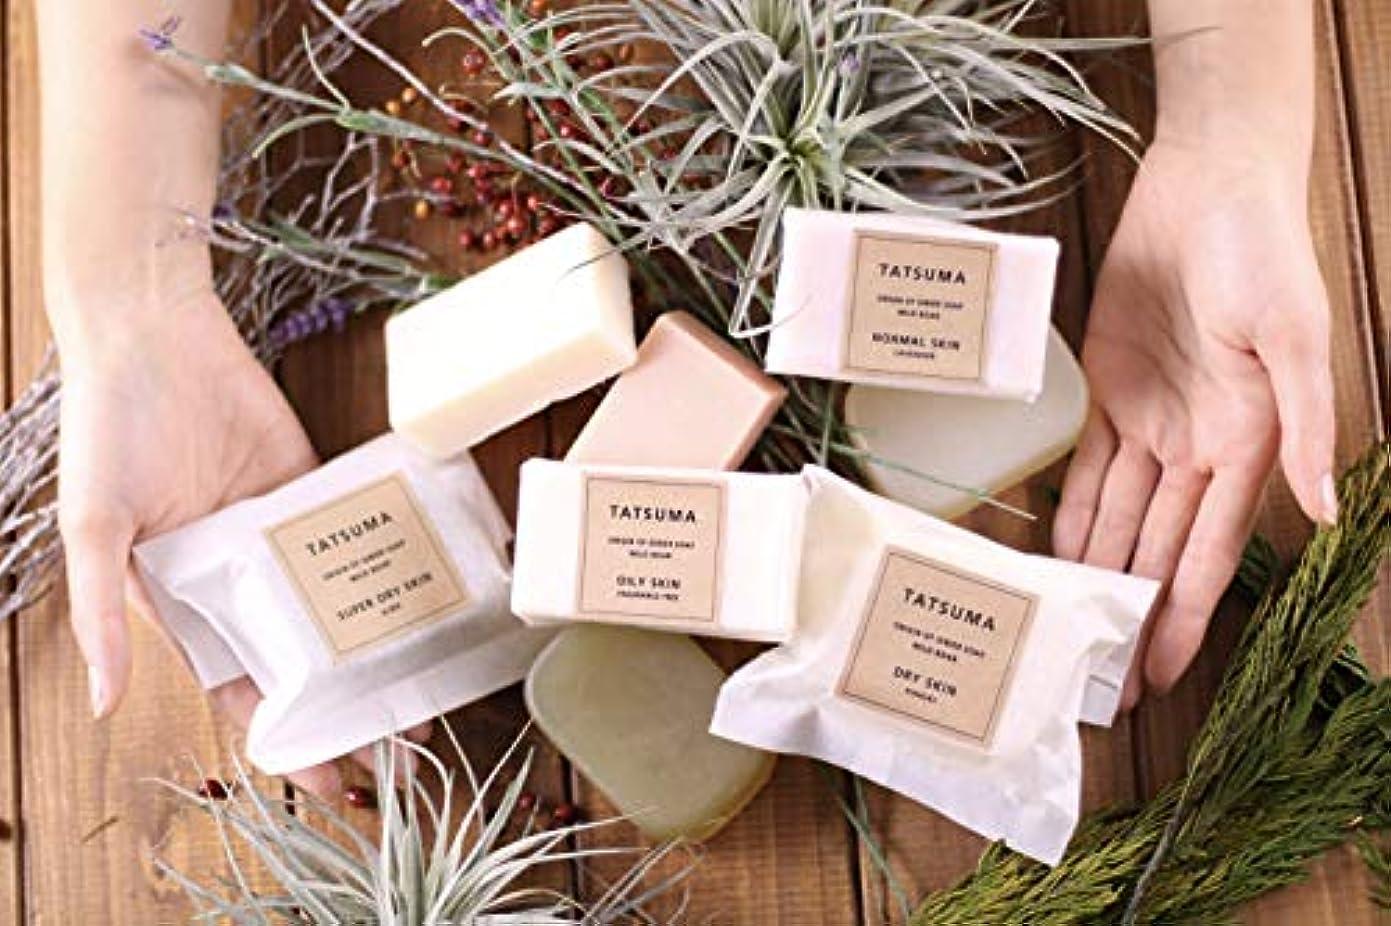 無視できる差剃るTATSUMA SOAP 動物性オイルの無添加石鹸 NORMAL SKIN 普通肌さん ラベンダーの香(80g)